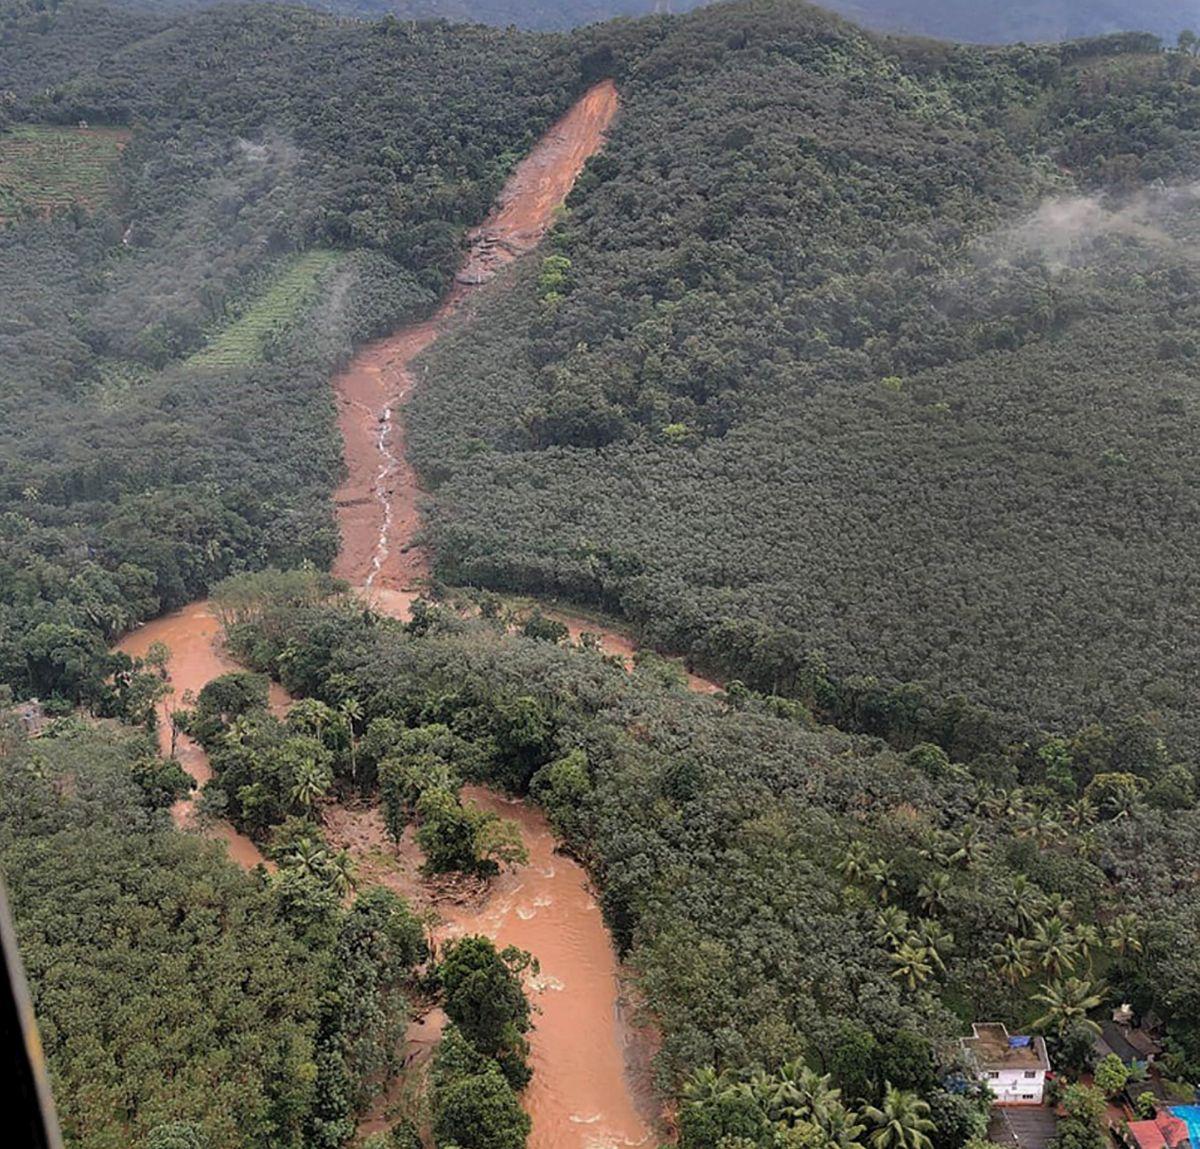 21 dead after Kerala rain triggers floods, landslides